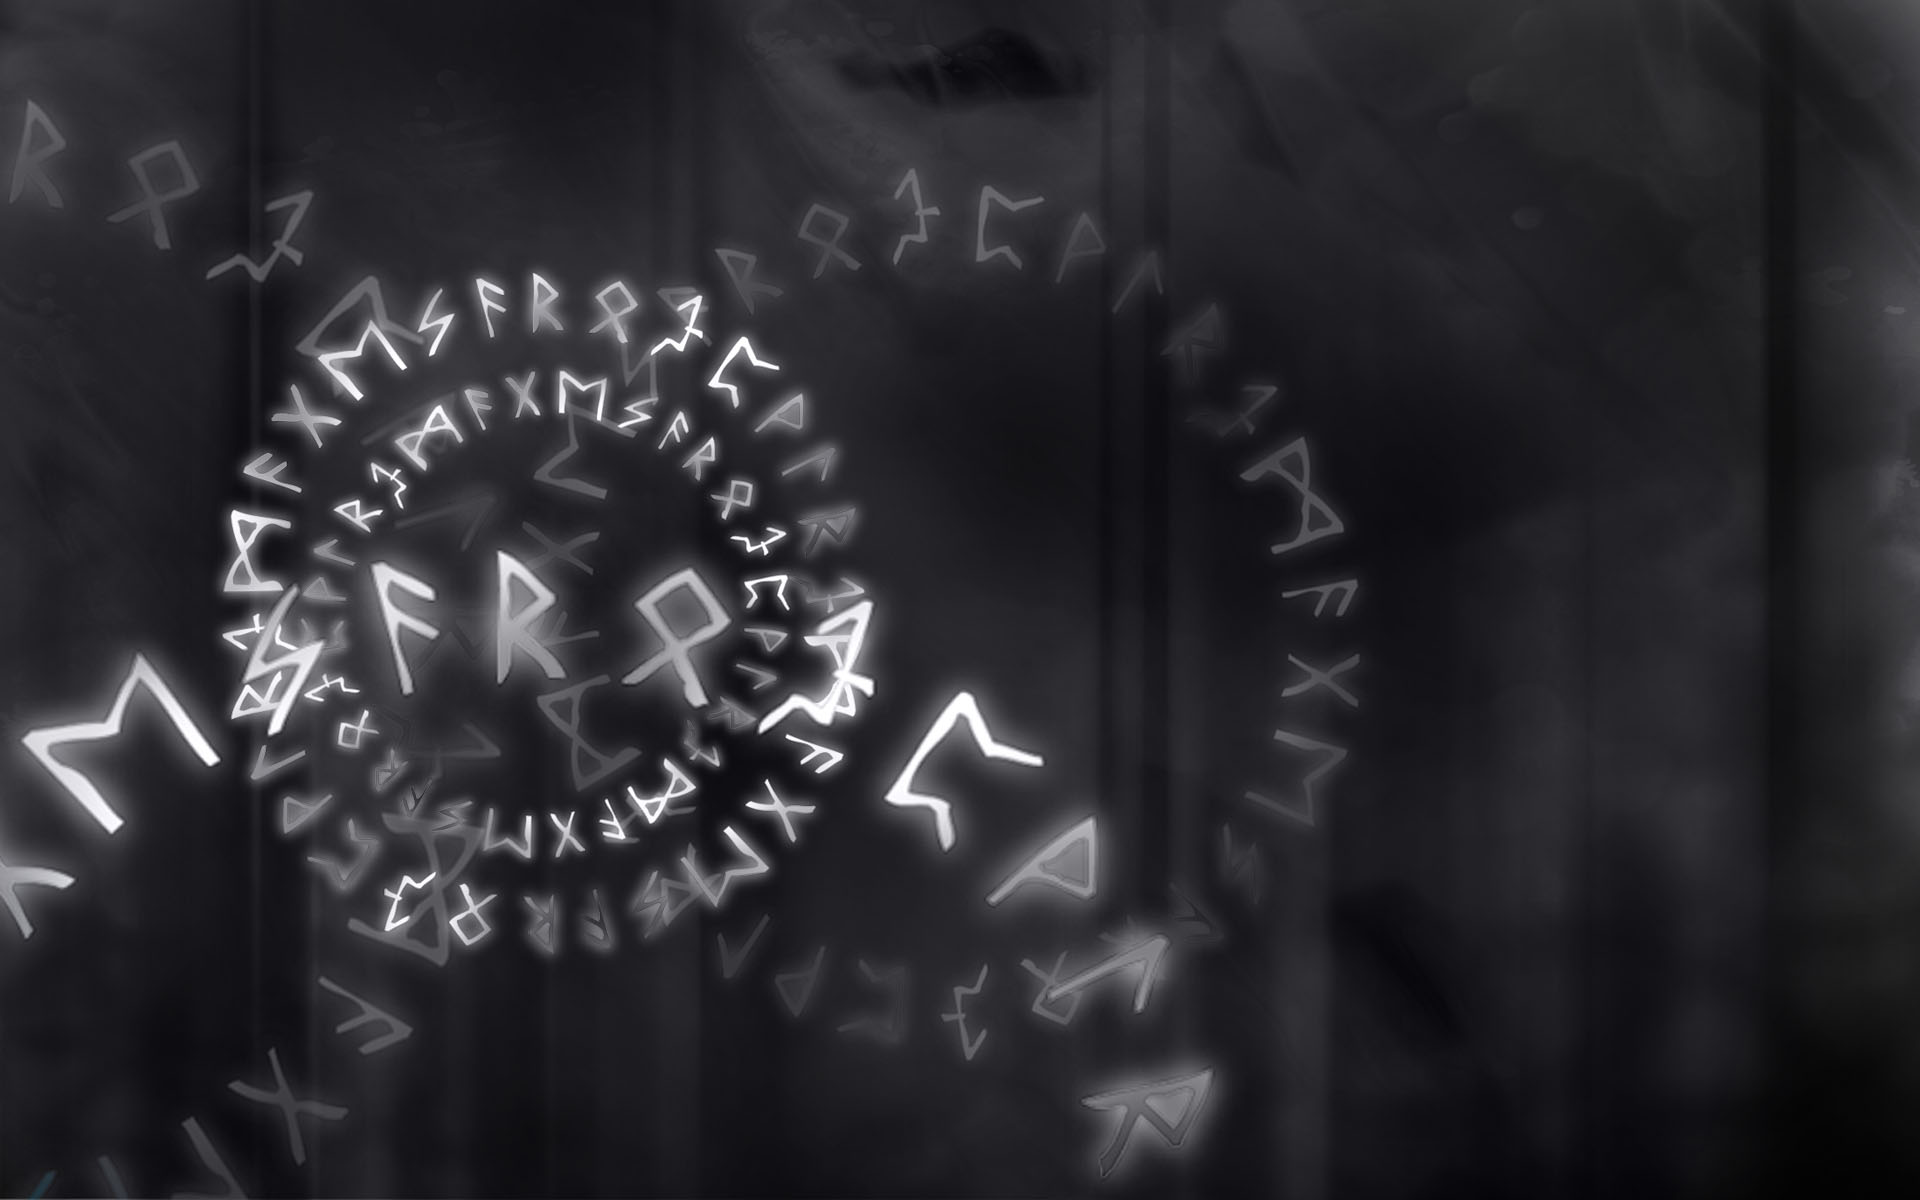 ogni runa possiede la sua energia.